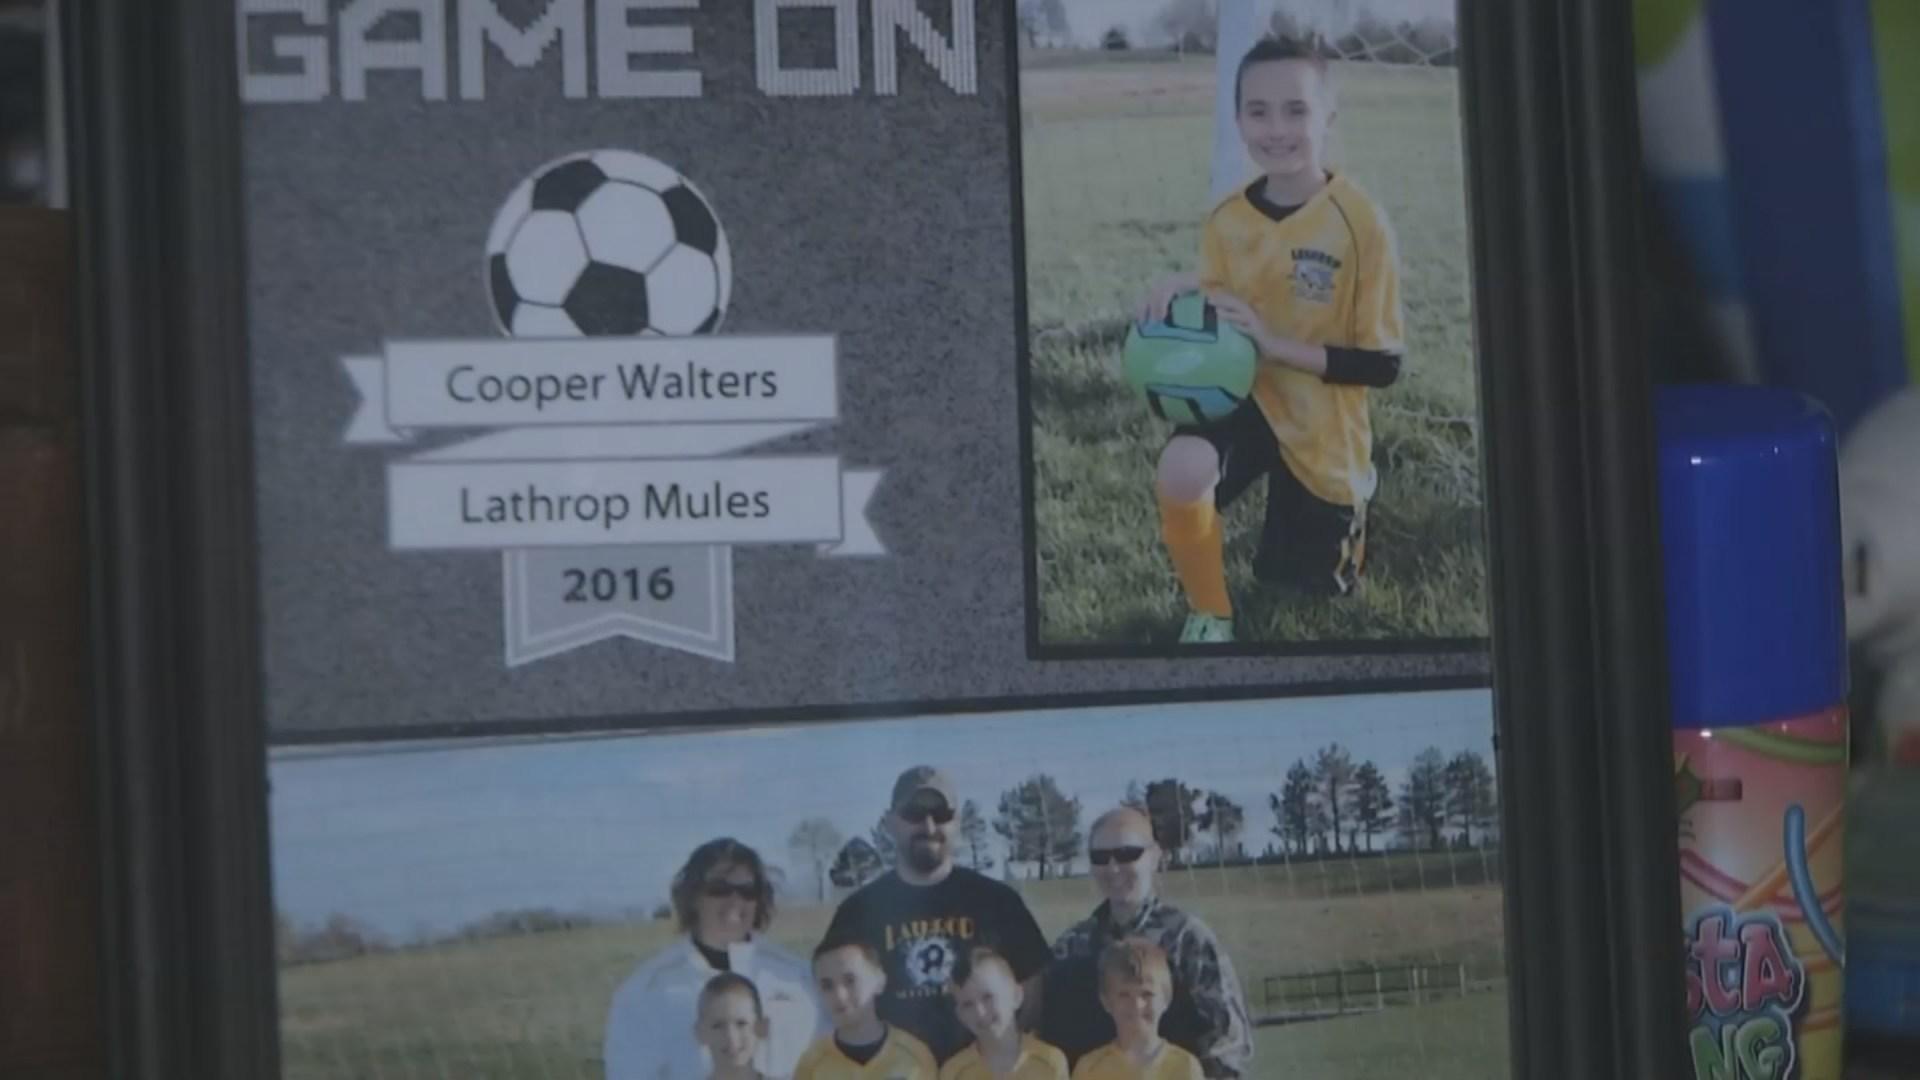 Cooper Walters